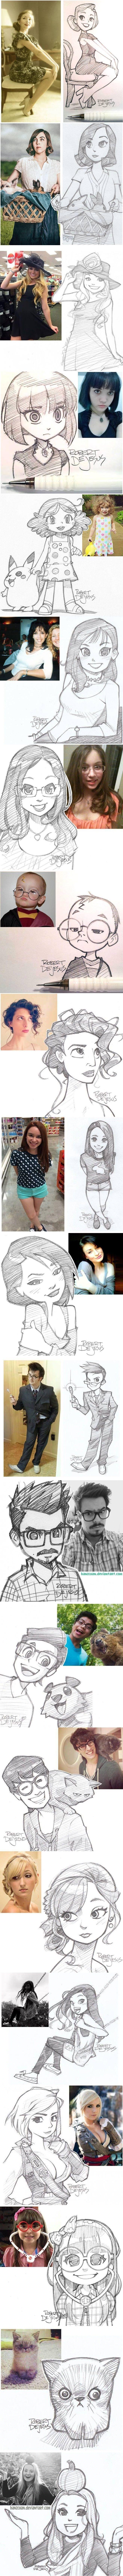 Cartoon versions of people